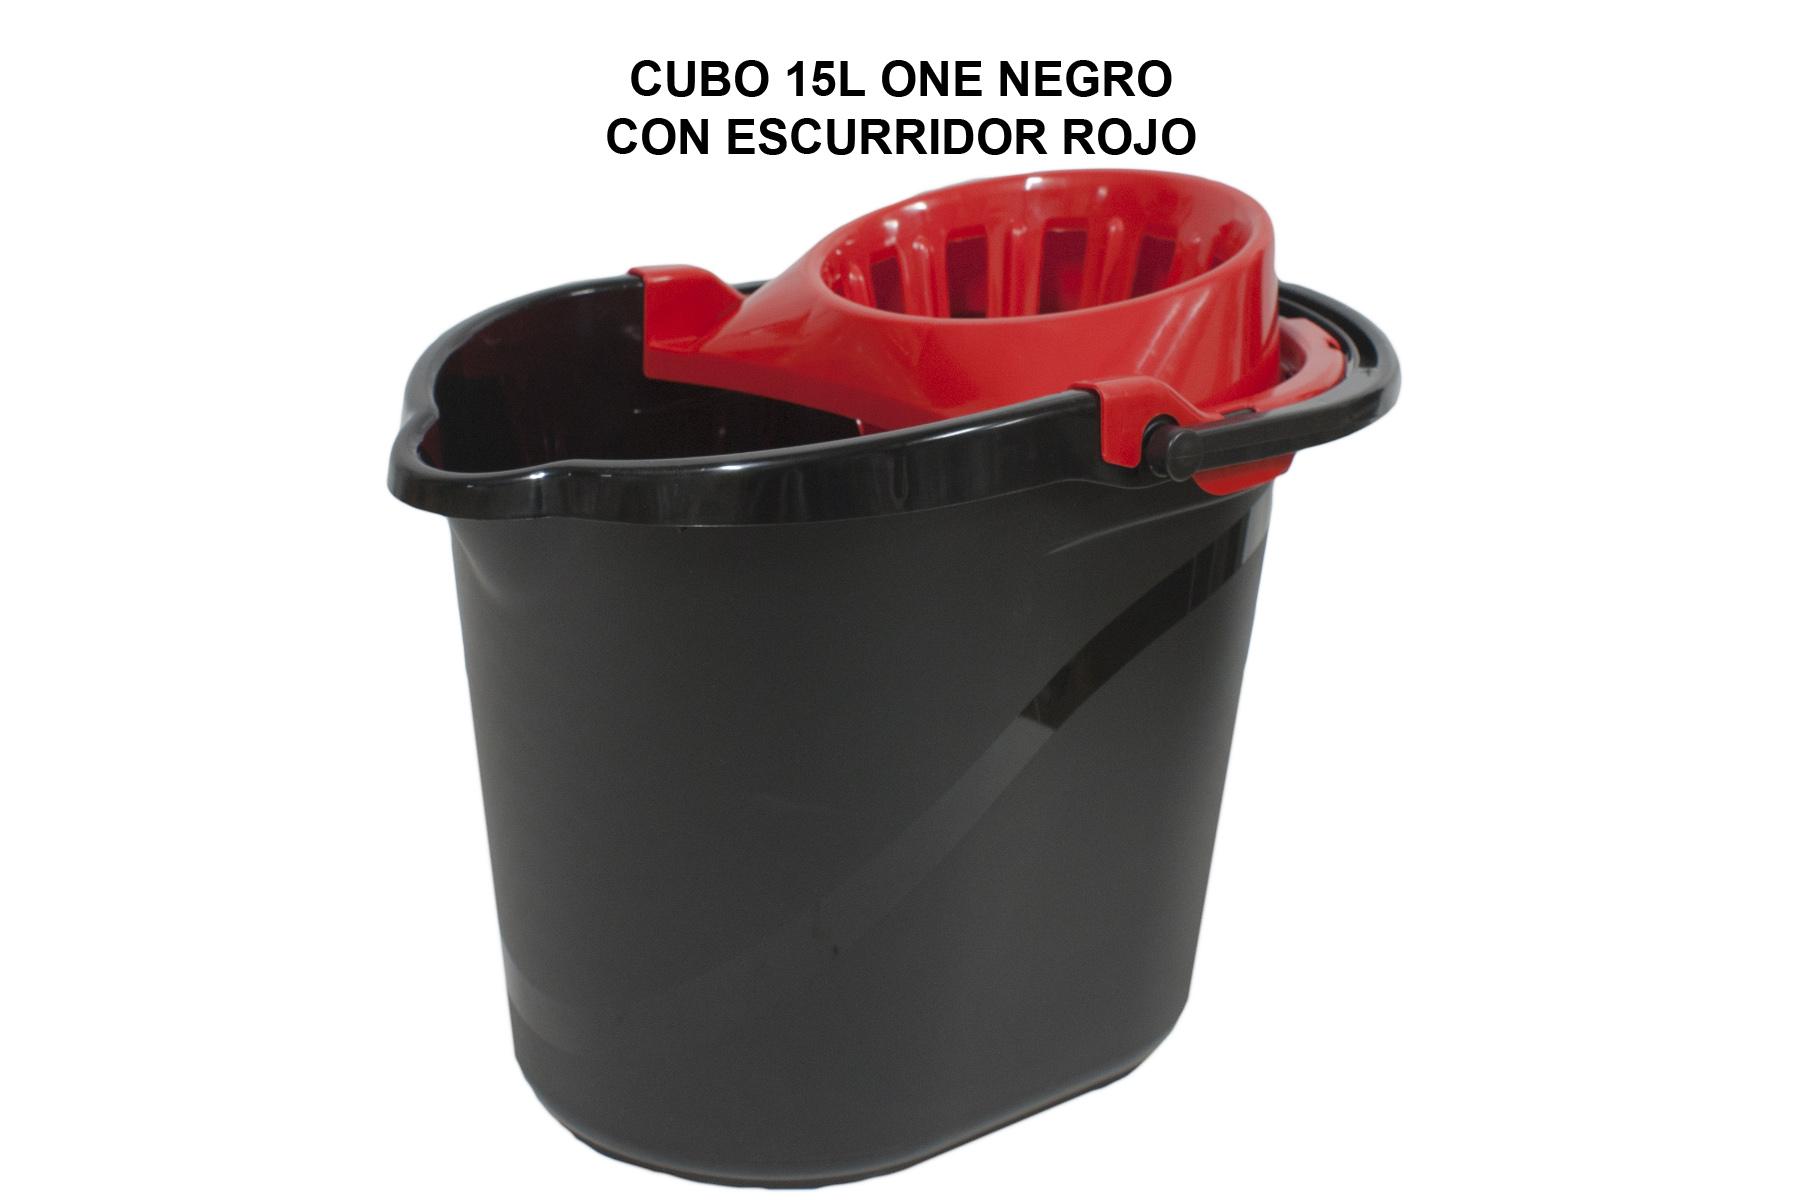 CUBO 15L ONE NEGRO CON ESCURRIDOR ROJO